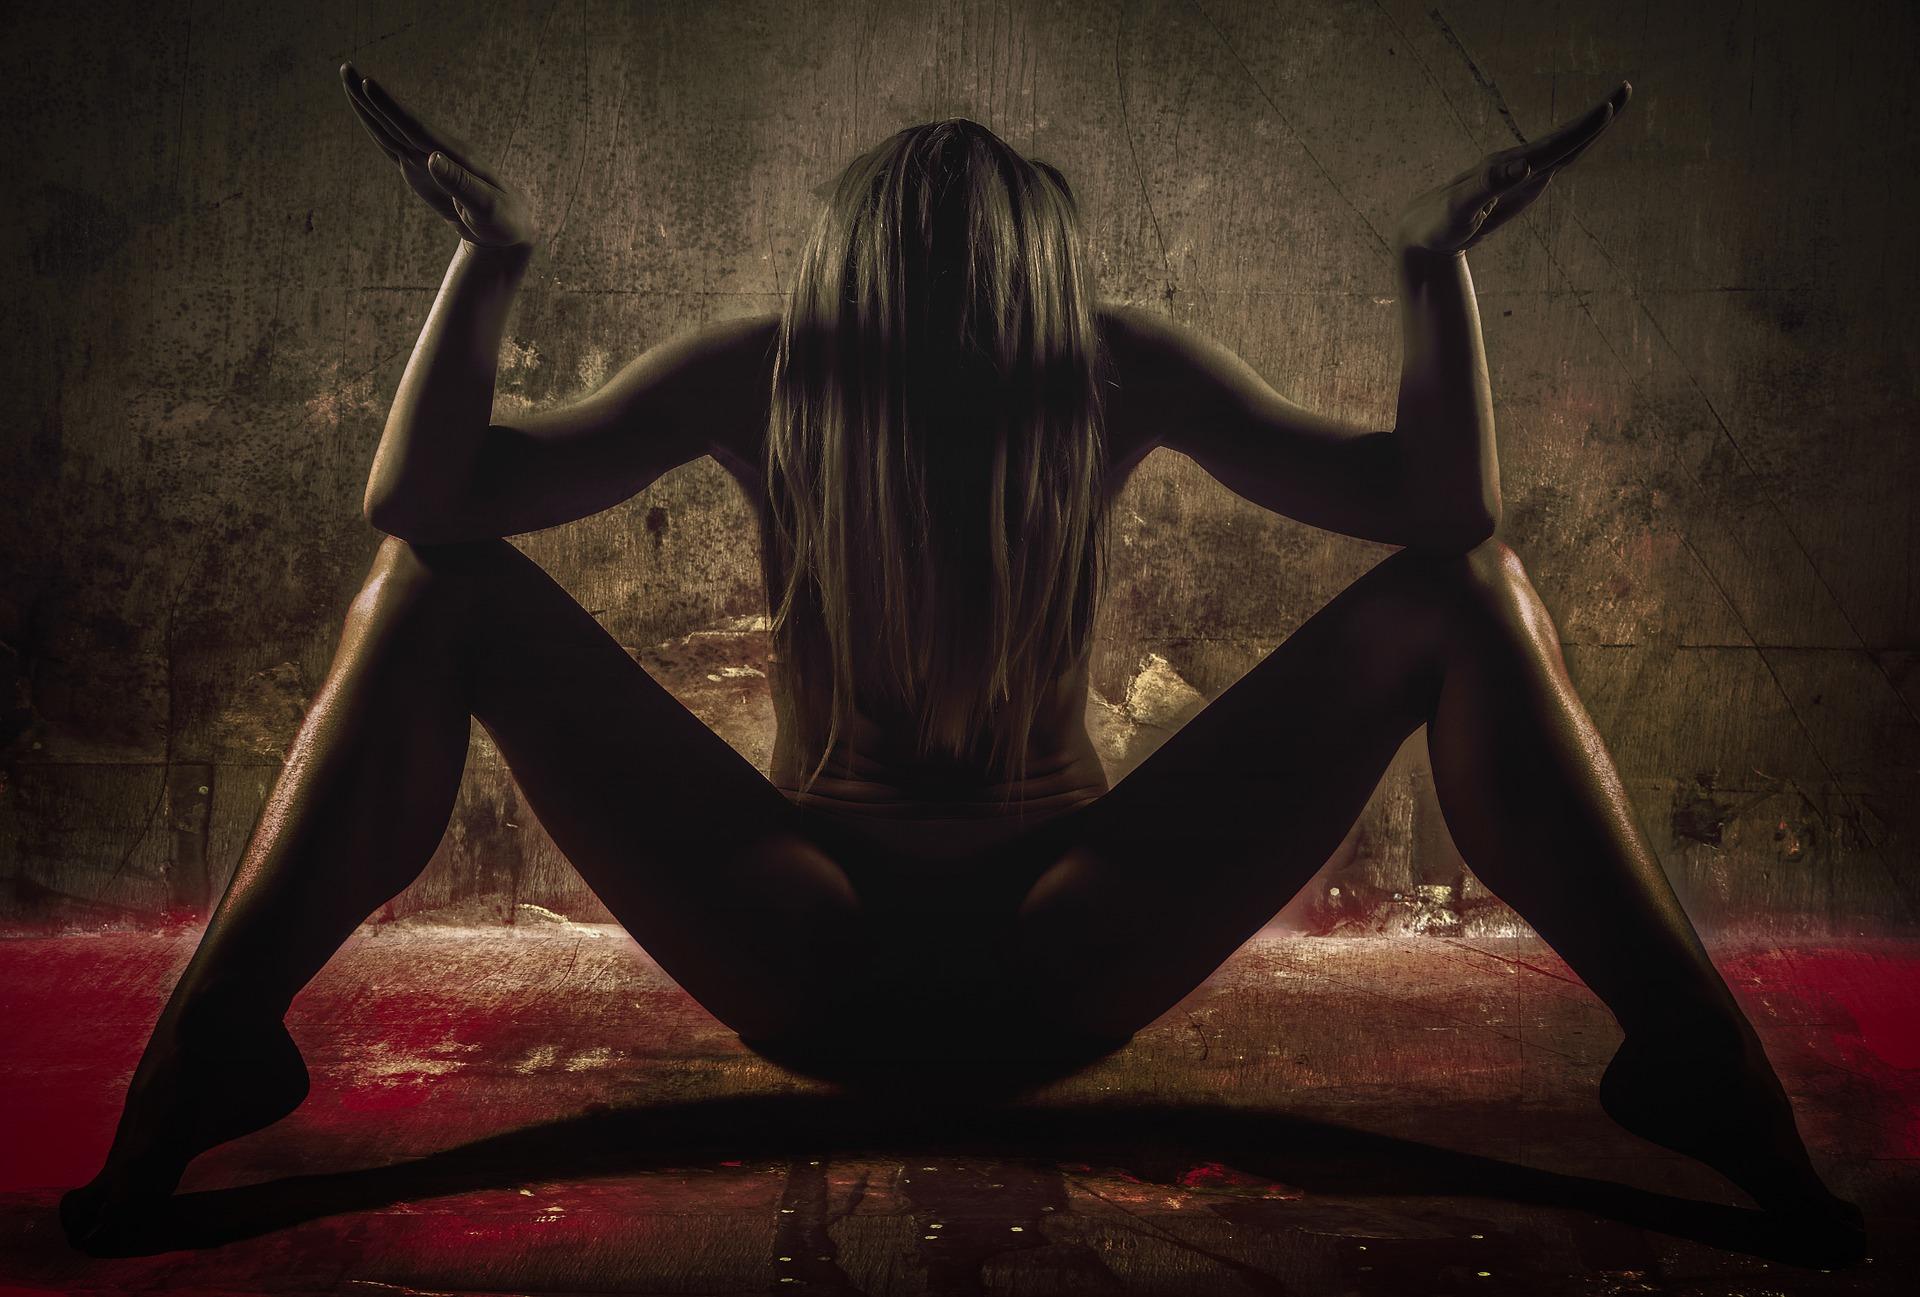 Aktfoto von Frau, die sitzend Arme und Beine spreizt – aufgrund des Schattens ist sie nur schemenhaft zu erahnen.